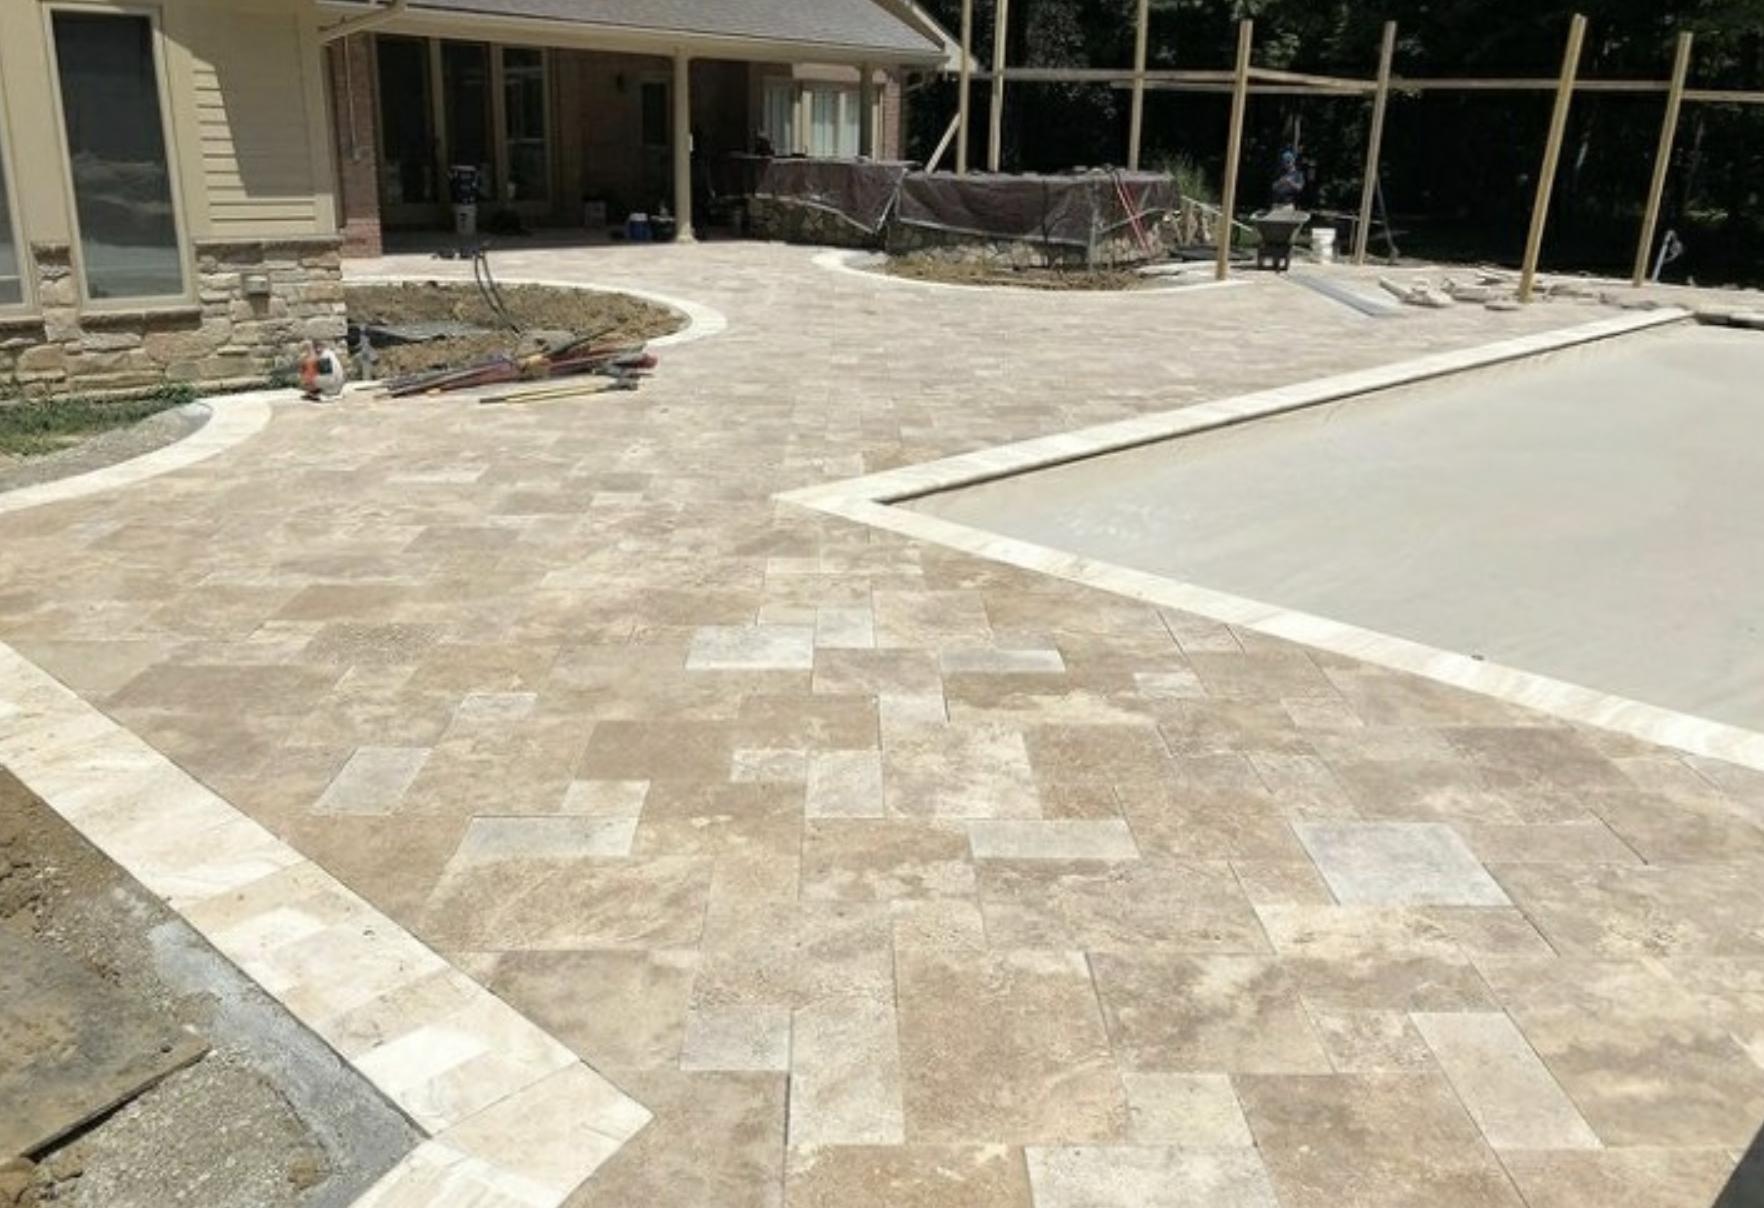 this image shows patio contractors in Cerritos, California